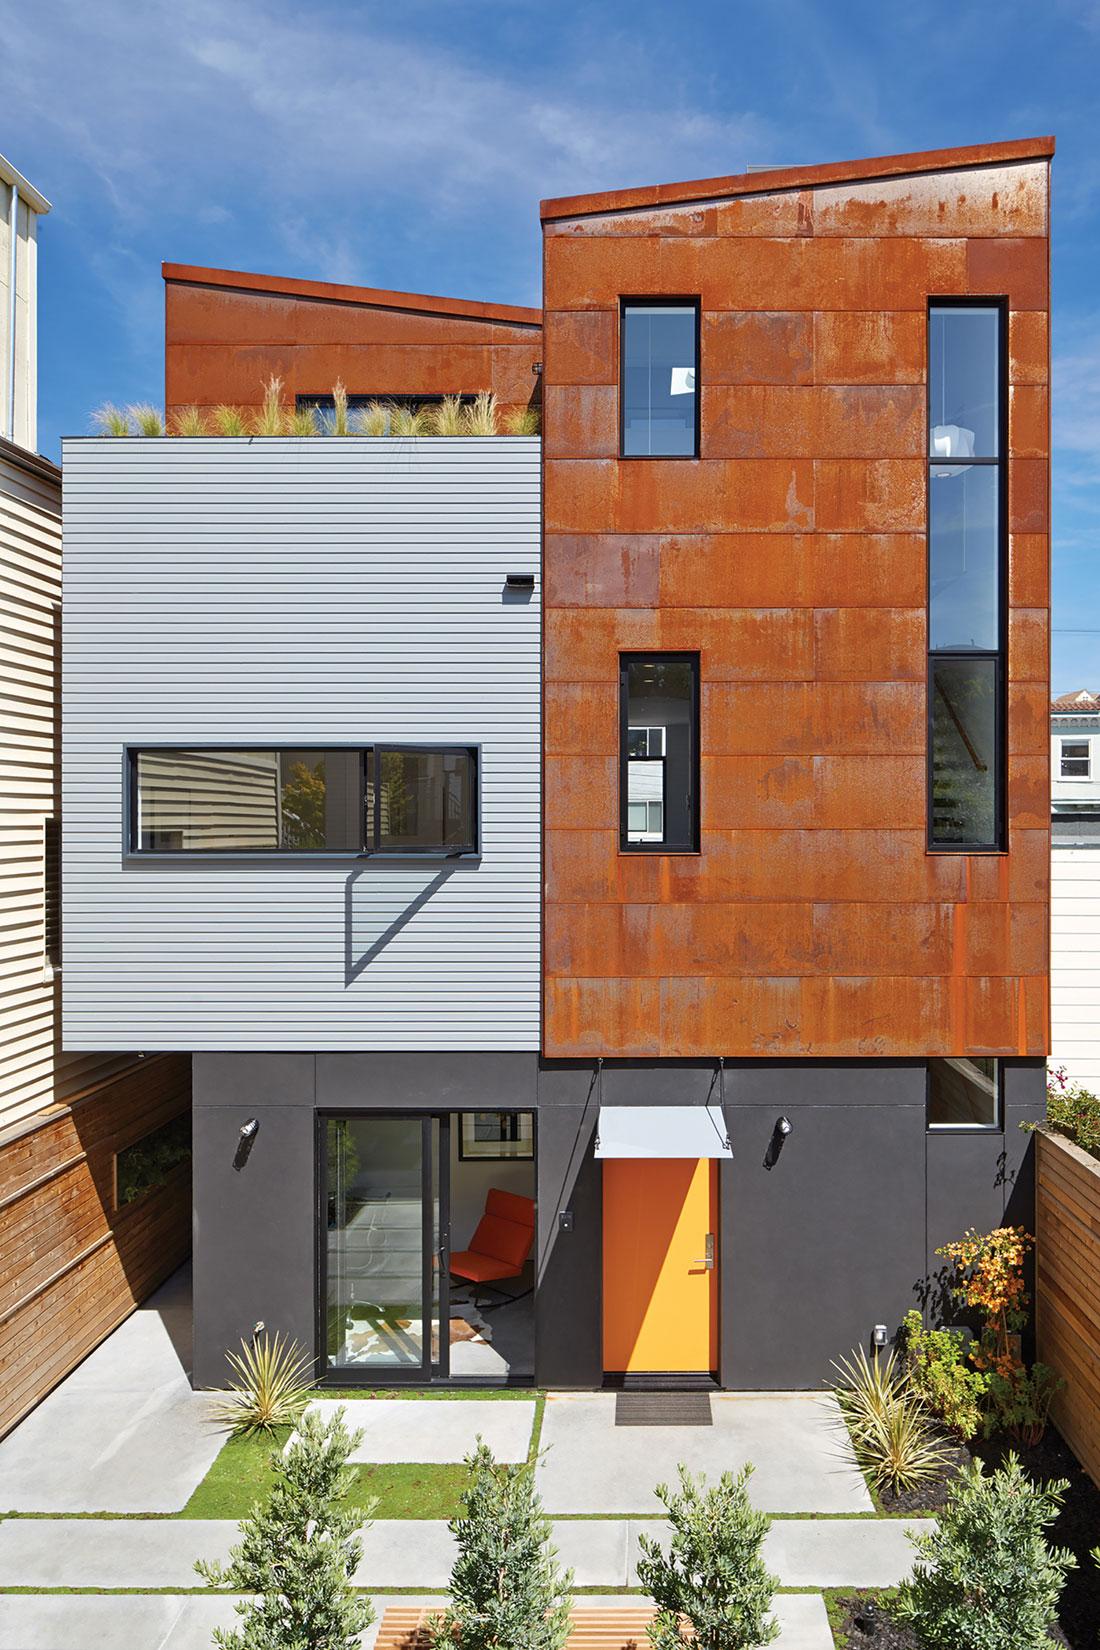 Bright and Elegant Interior Design of Steelhouse 1 plus 2 by Zack de Vito Architecture-02